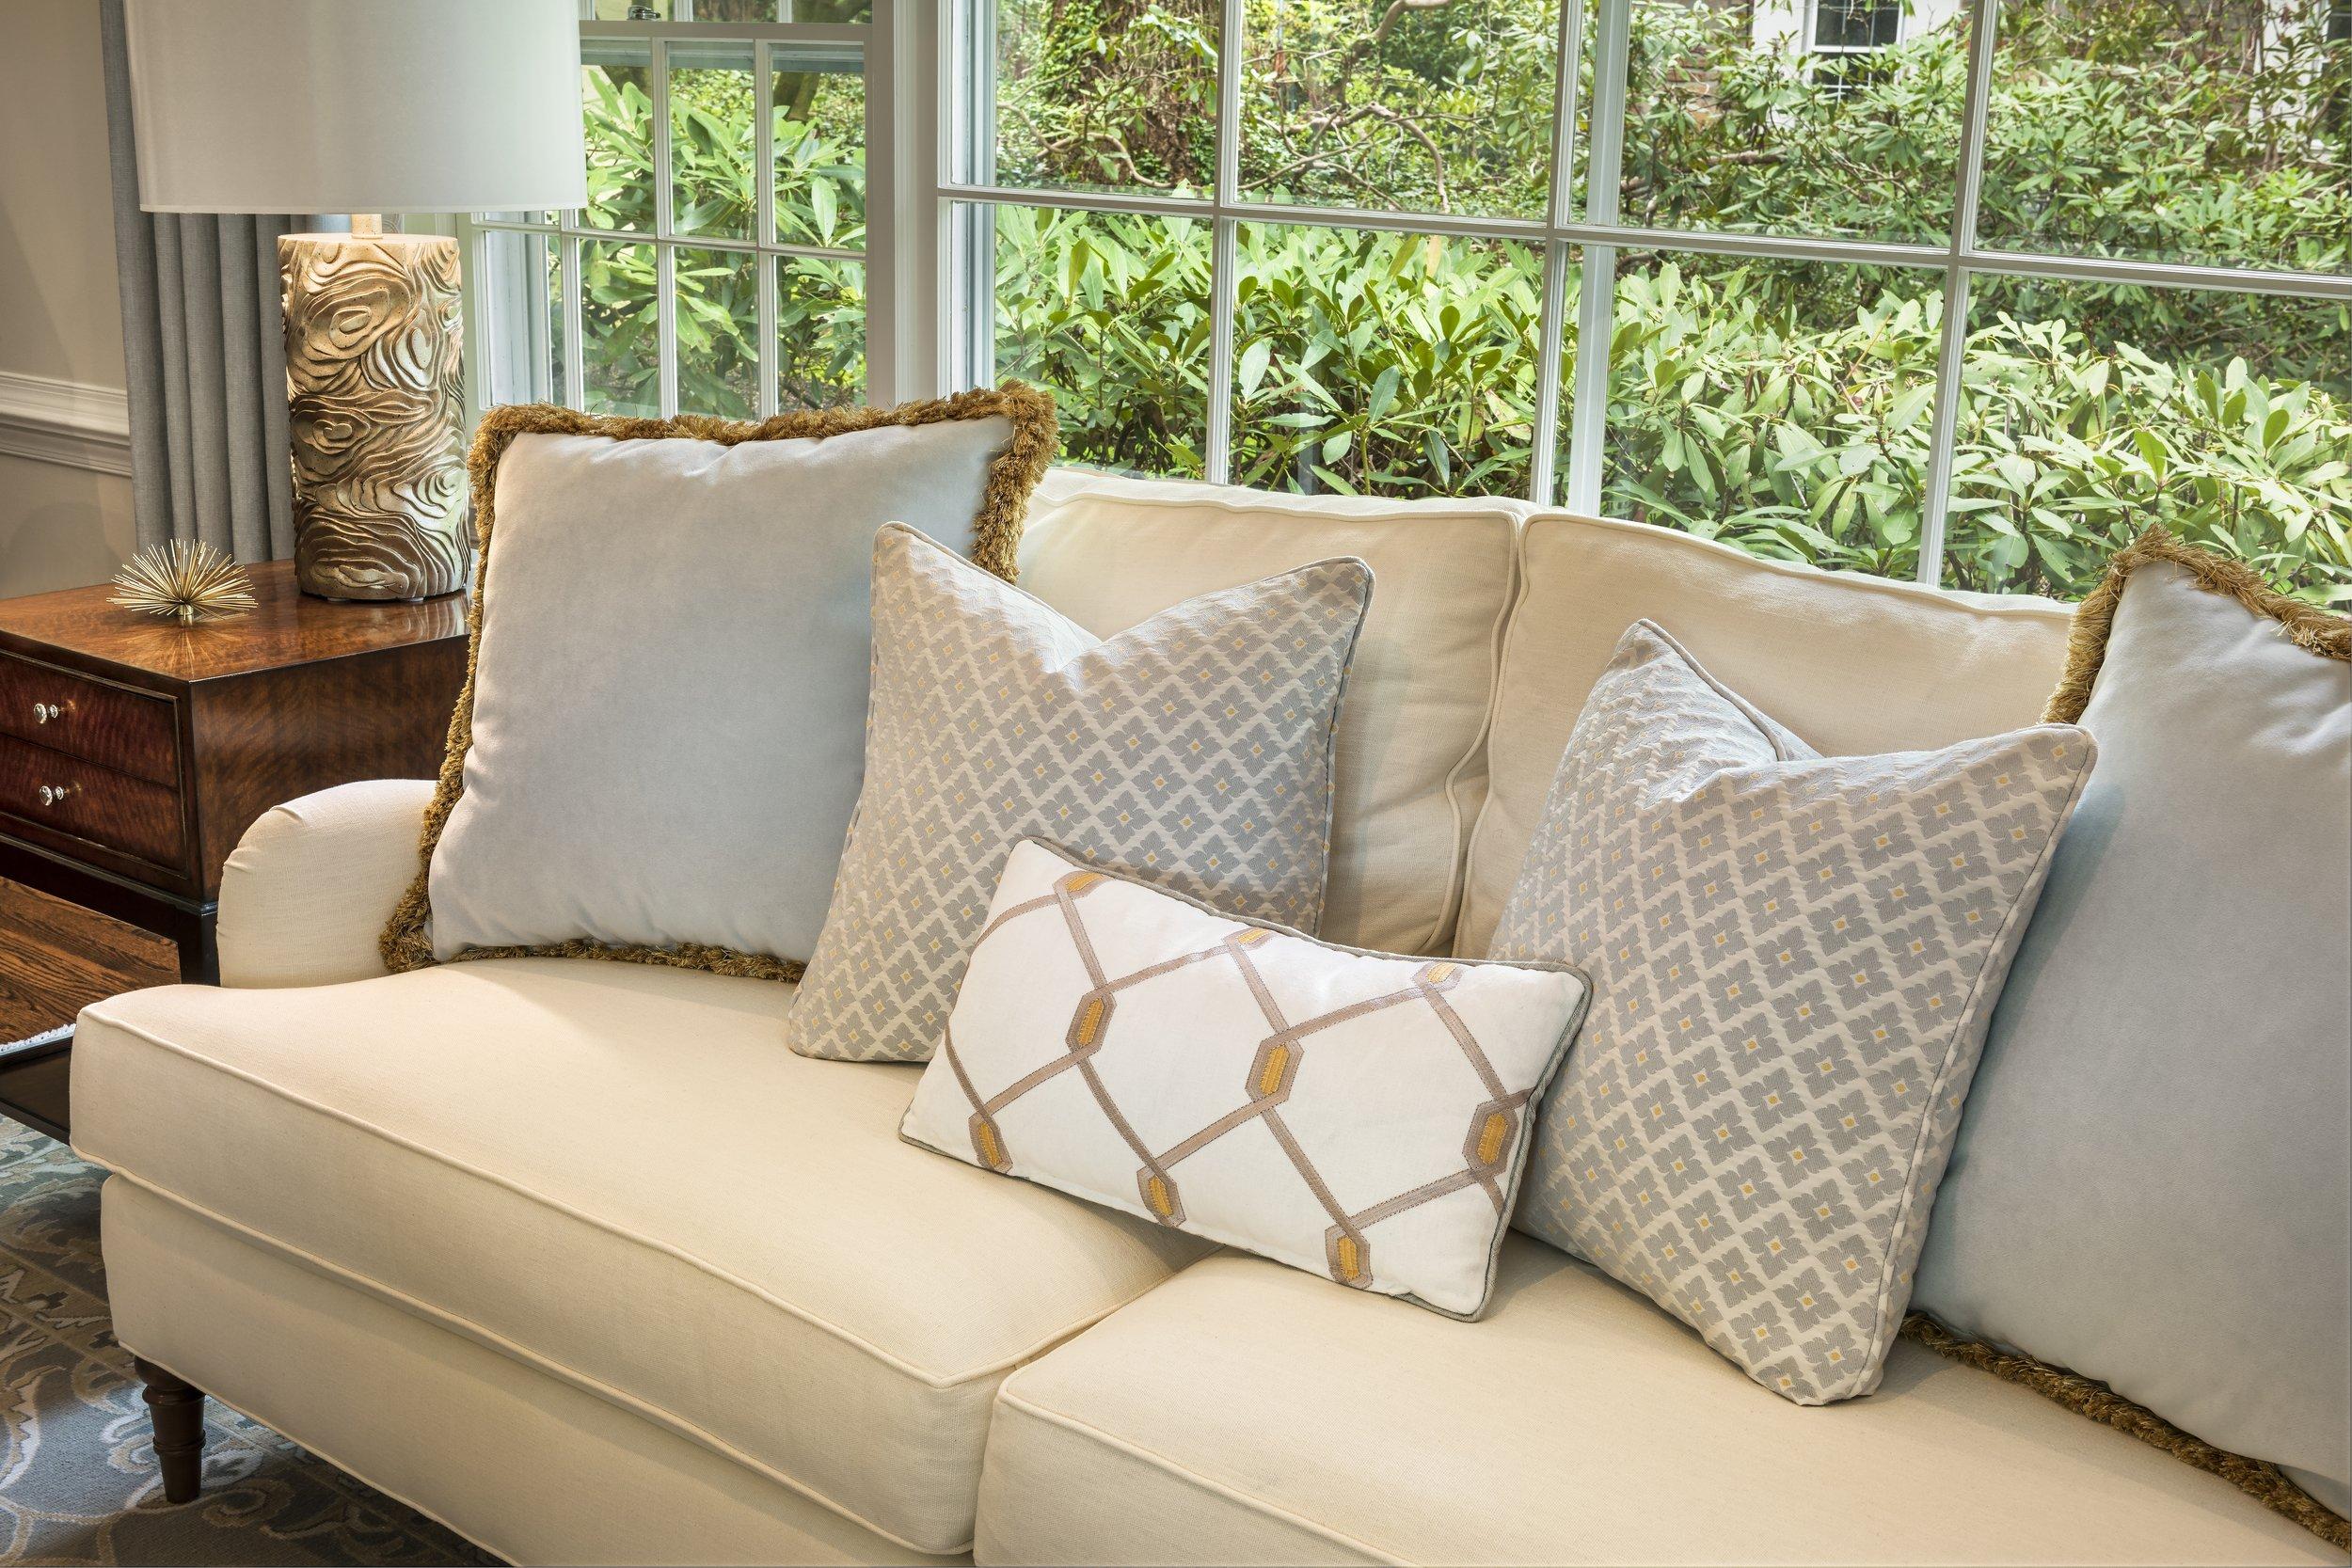 pillows on sofa.jpg